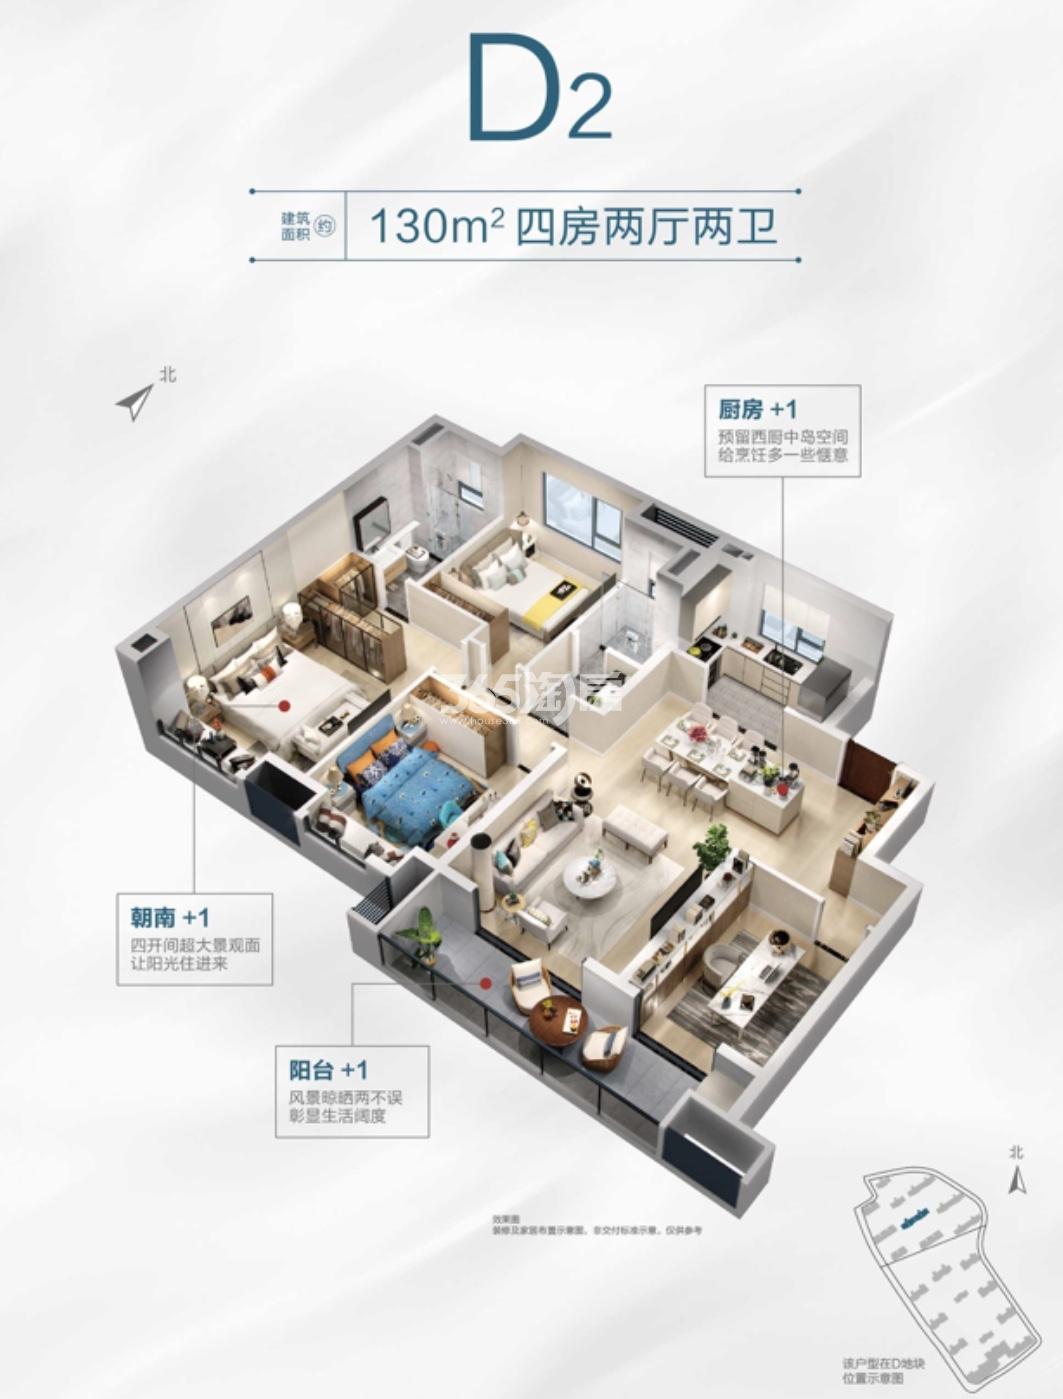 华侨城翡翠天域D2户型130㎡户型图